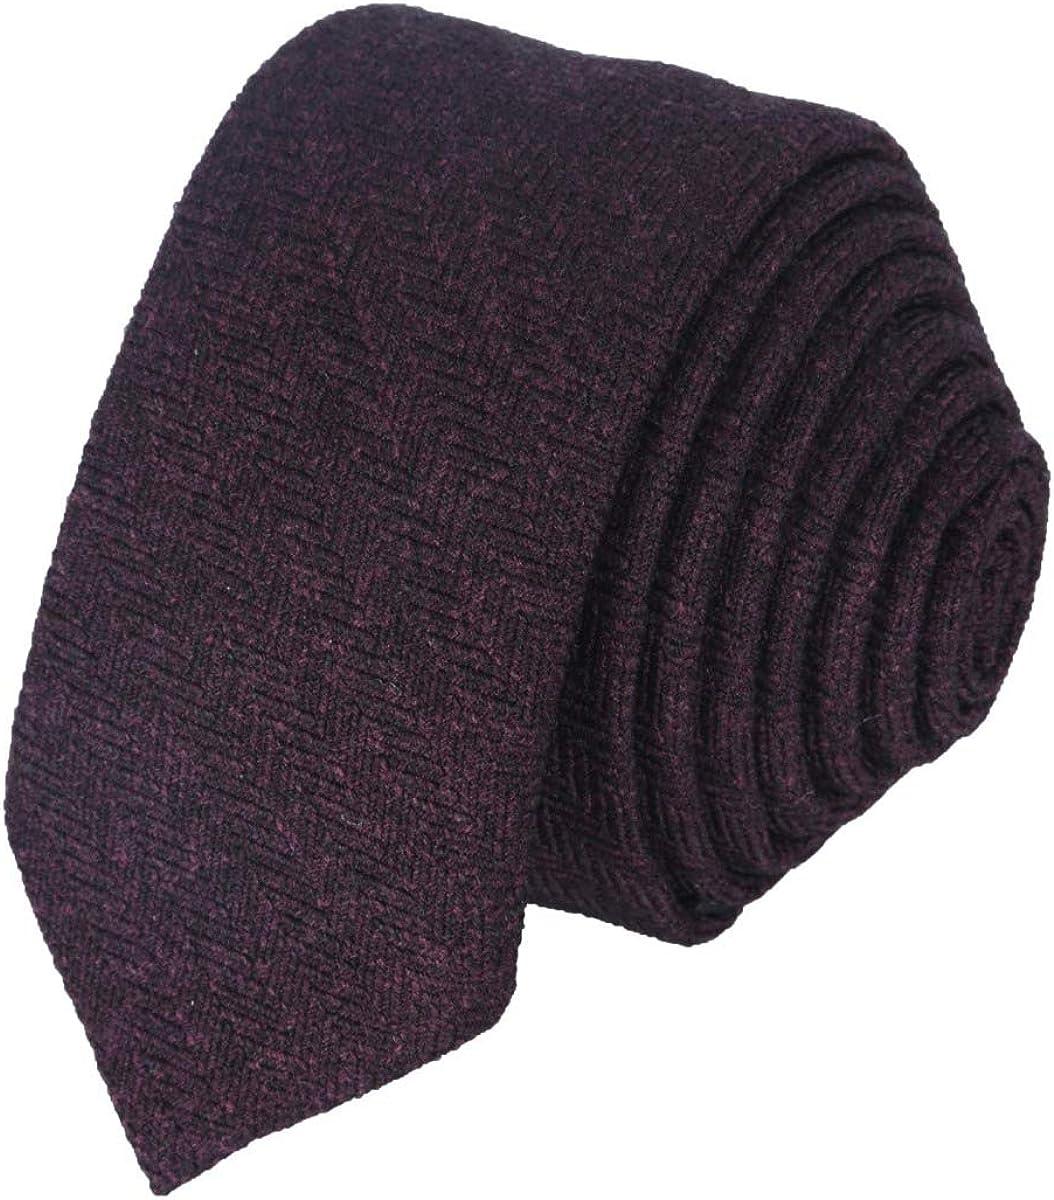 Fatto a mano Yorkshire Tweed Self Cravatta Papillon Punta di Diamante-BLU NAVY SPINA DI PESCE